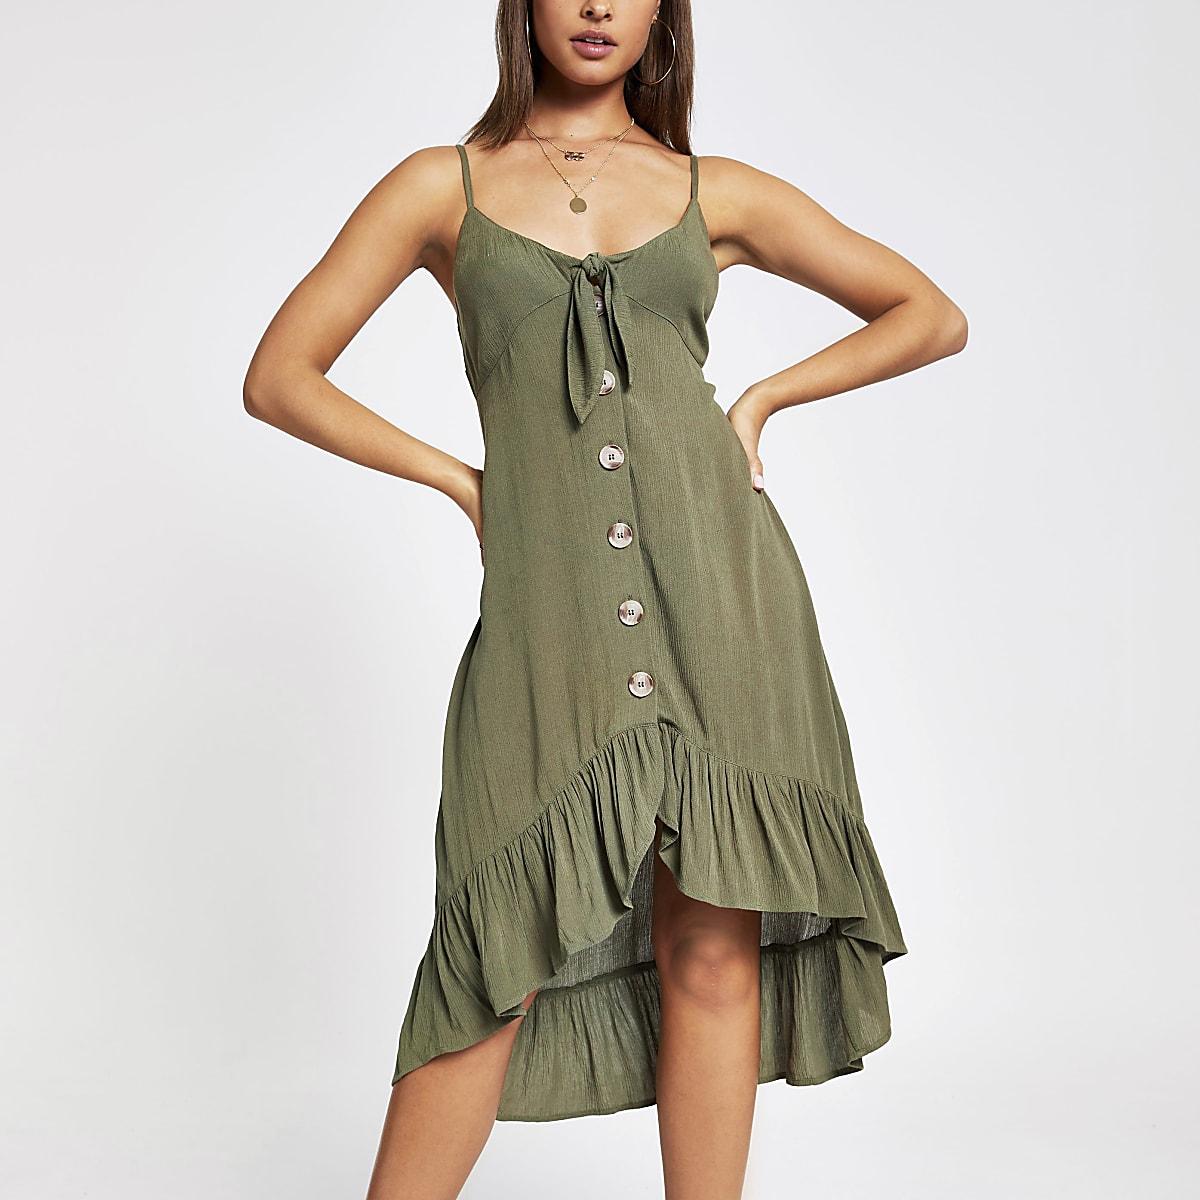 Kaki aangerimpelde jurk met knopen voor